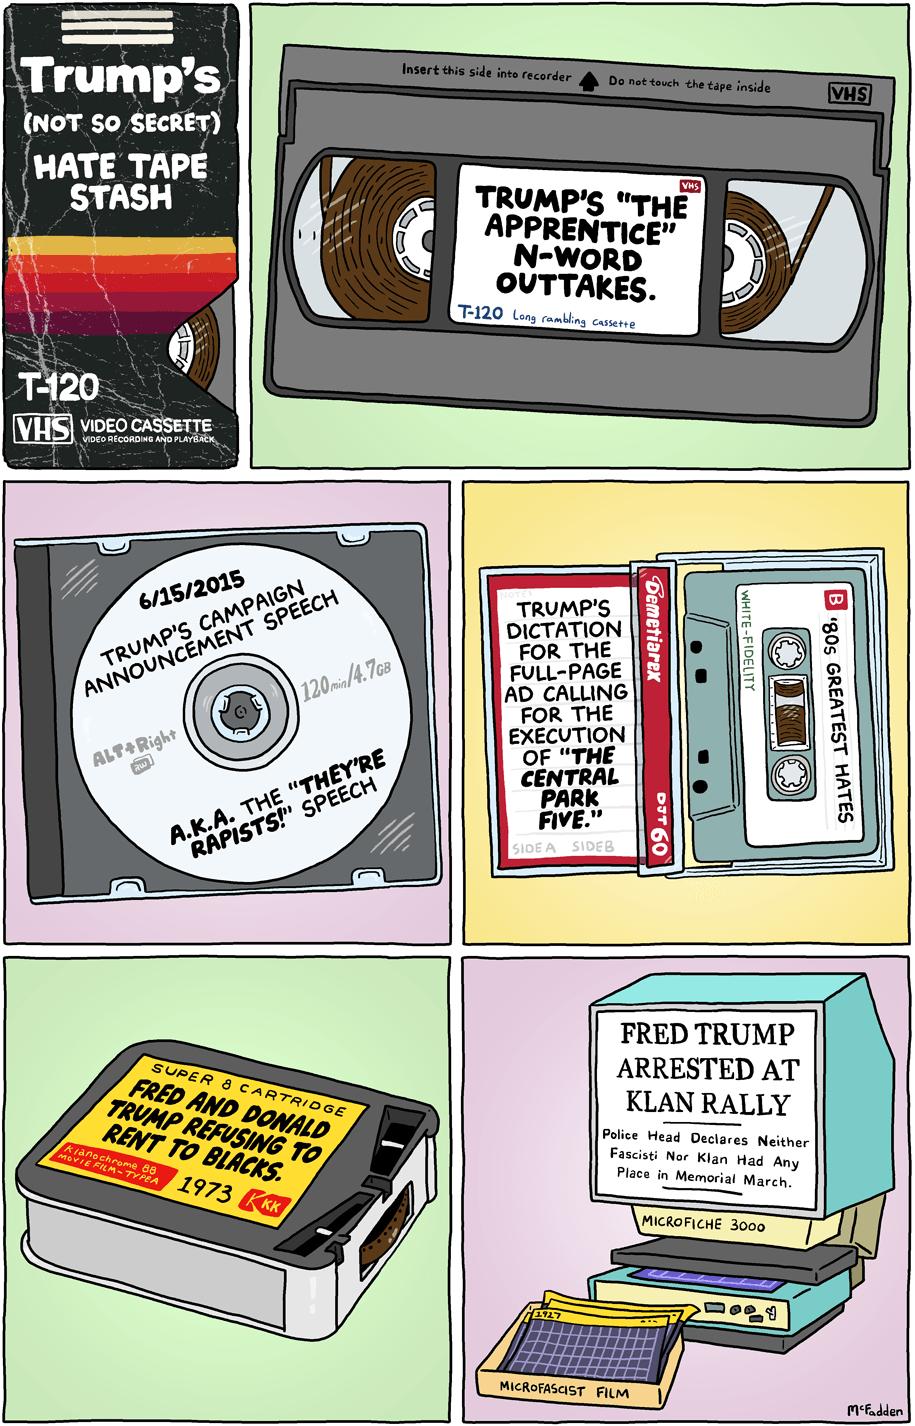 Cartoon: Trump's hate tape stash